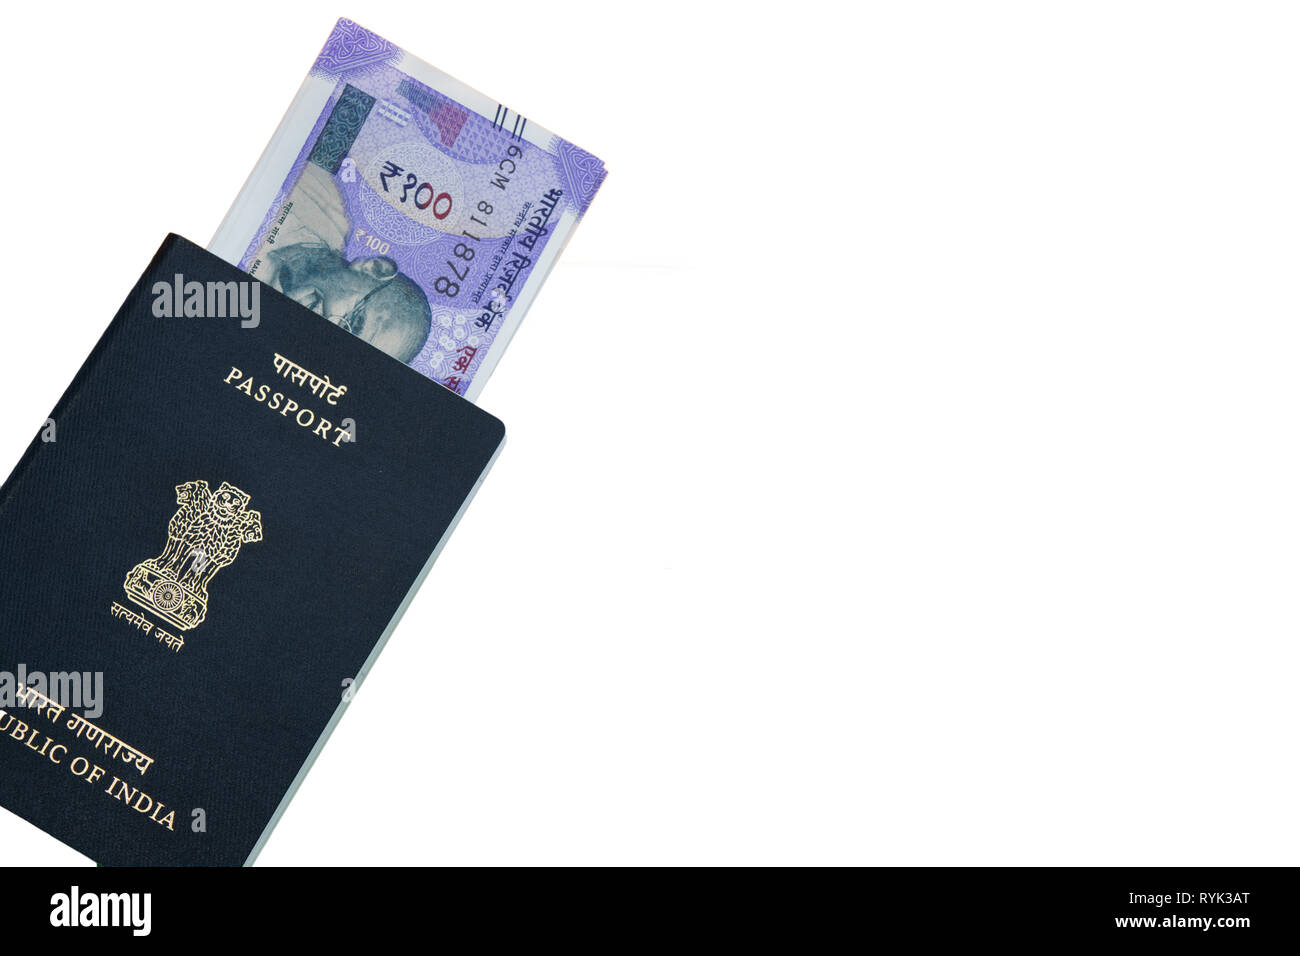 Indian Passport Stock Photos & Indian Passport Stock Images - Alamy